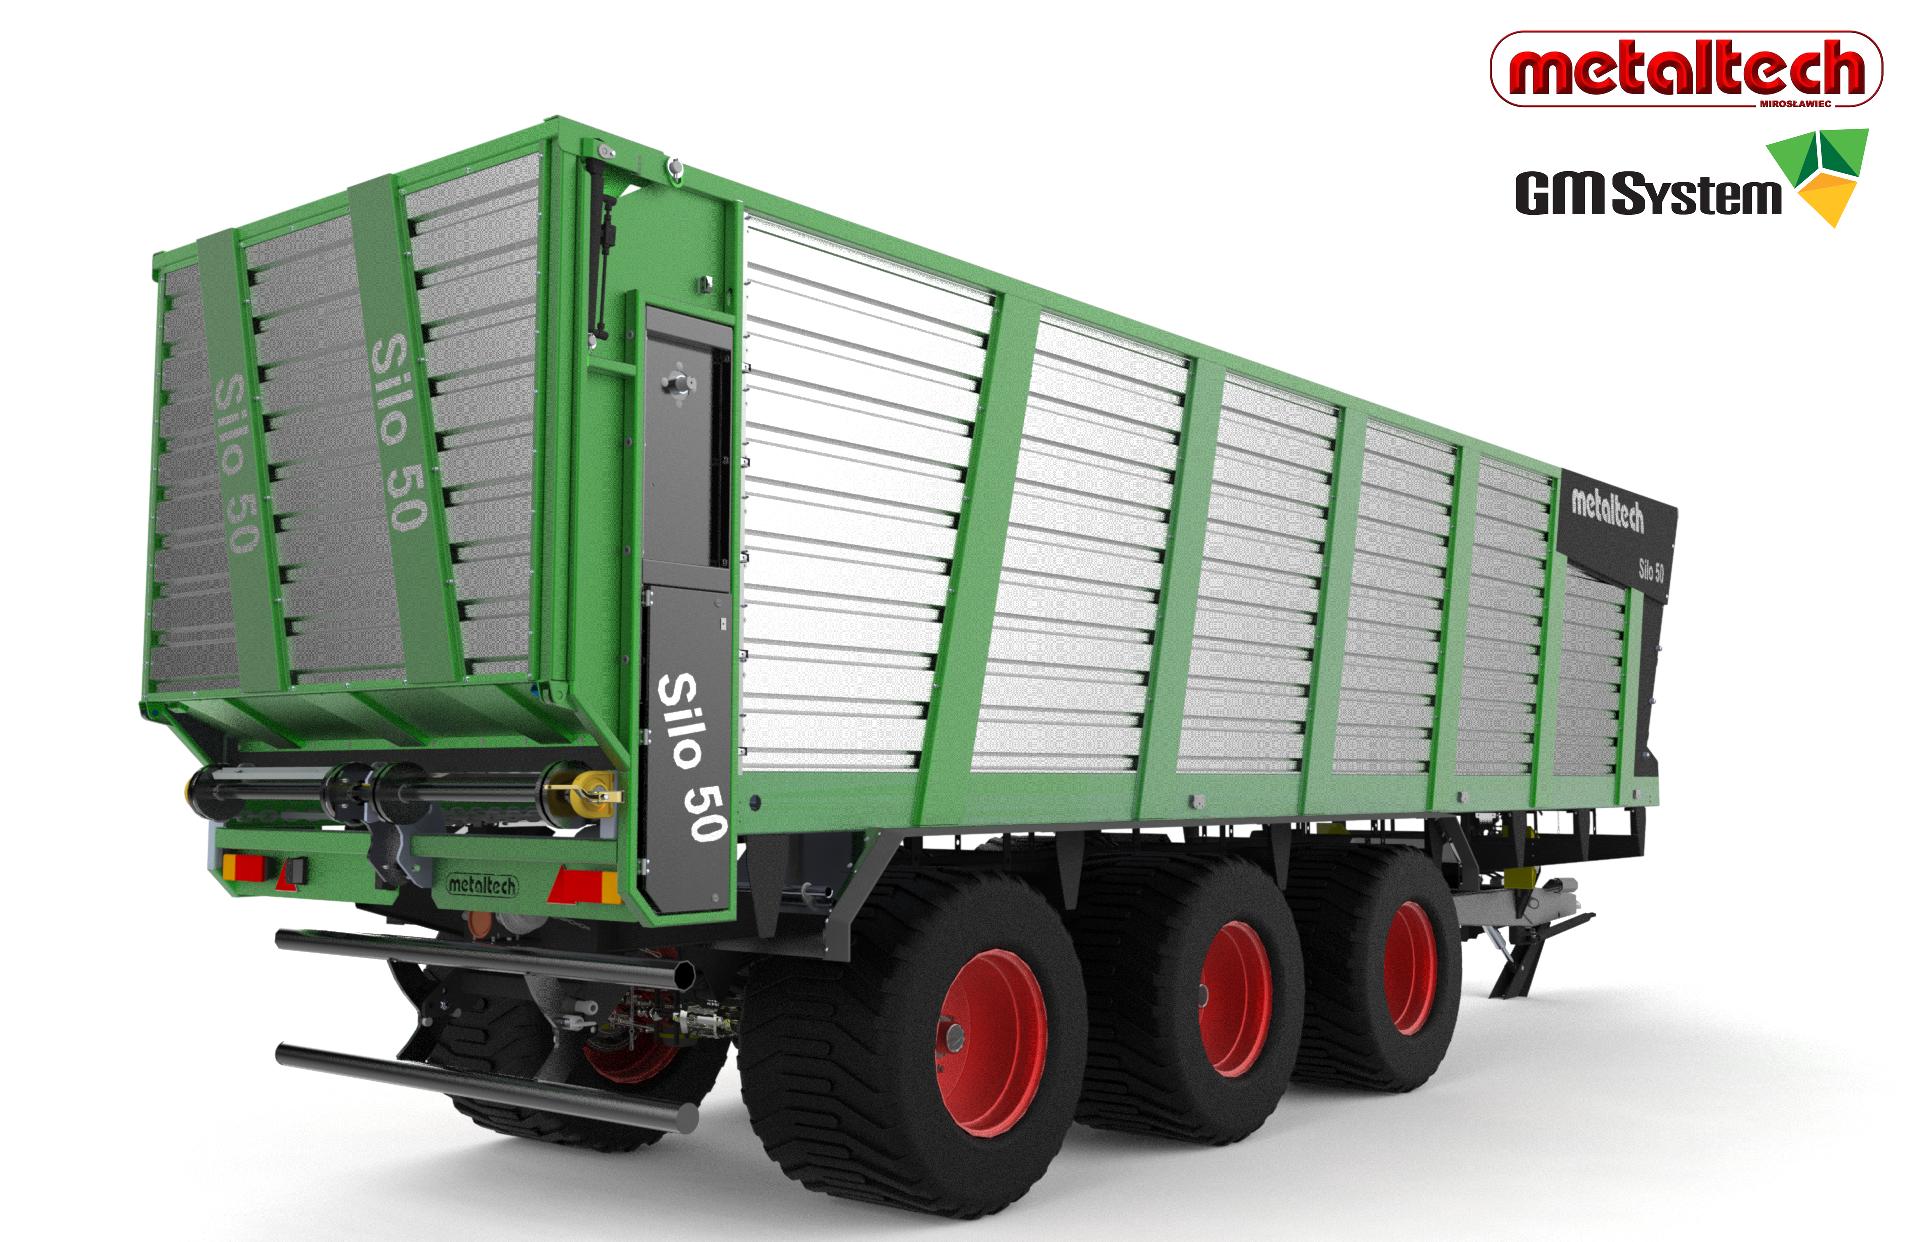 Wizualizacja modelu przyczepy objętościowej Silo 50 firmy Metaltech